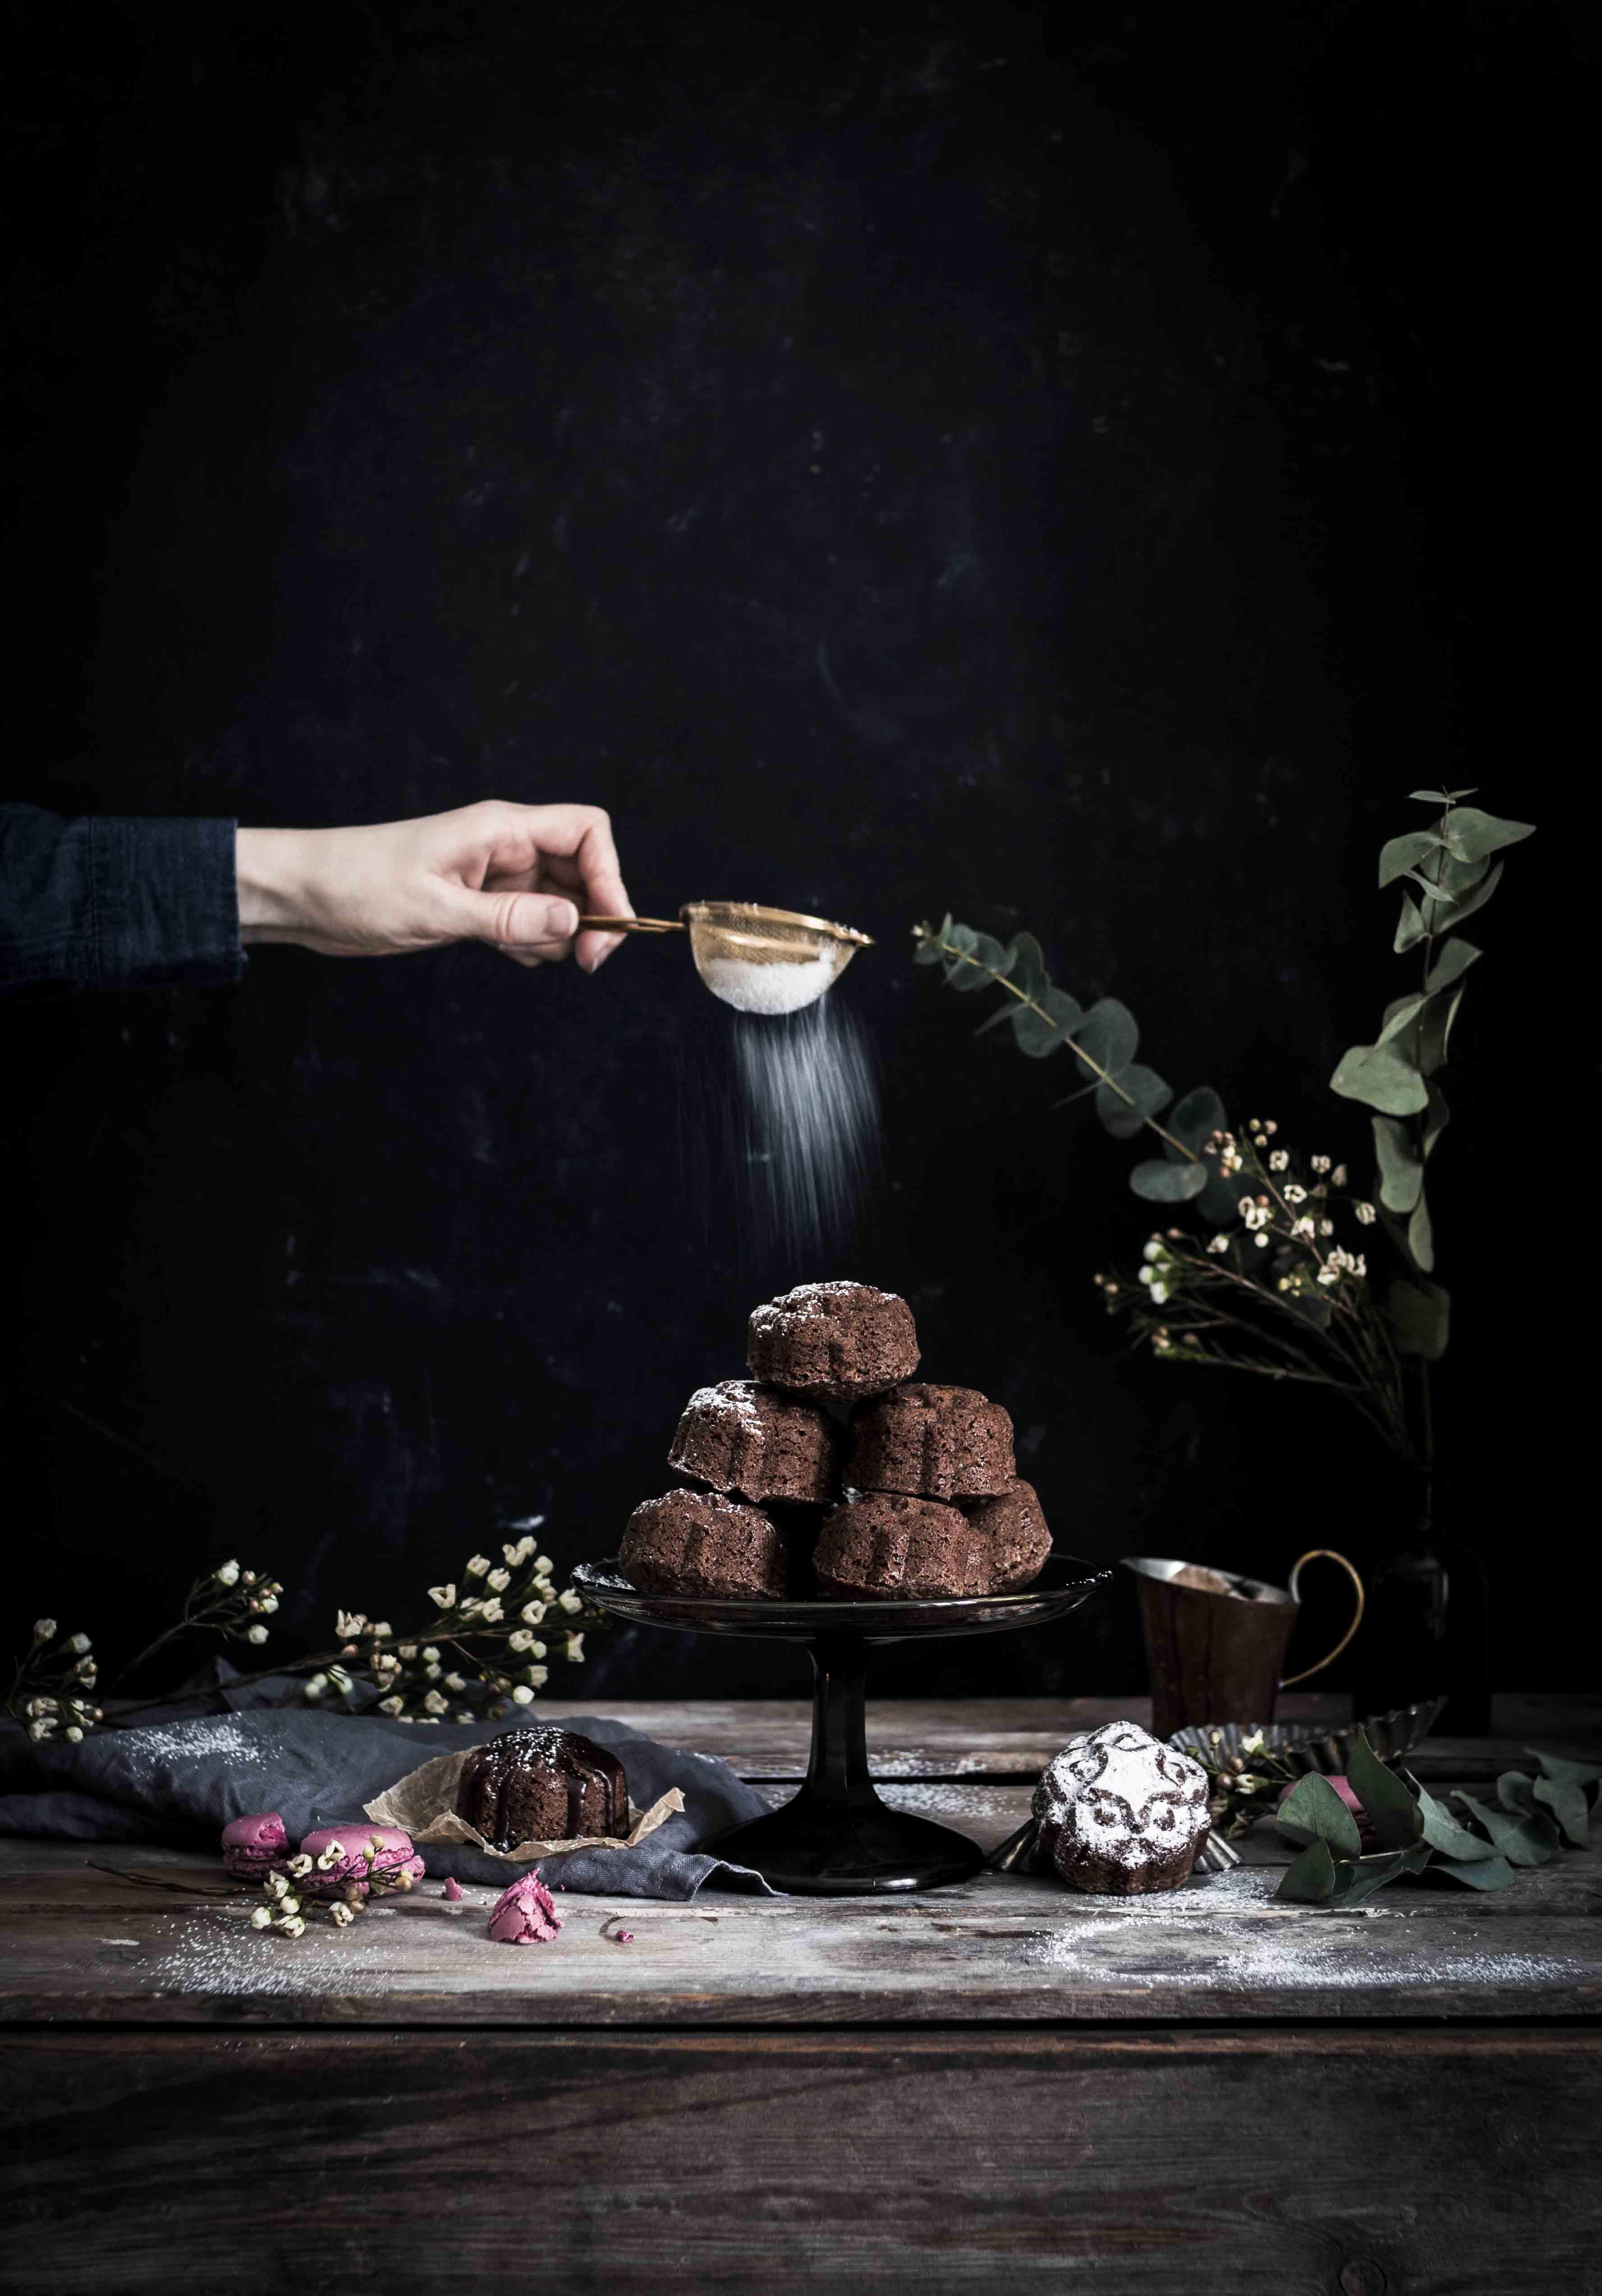 Mocha cakes recipe Mix & Bake Emma Ivane